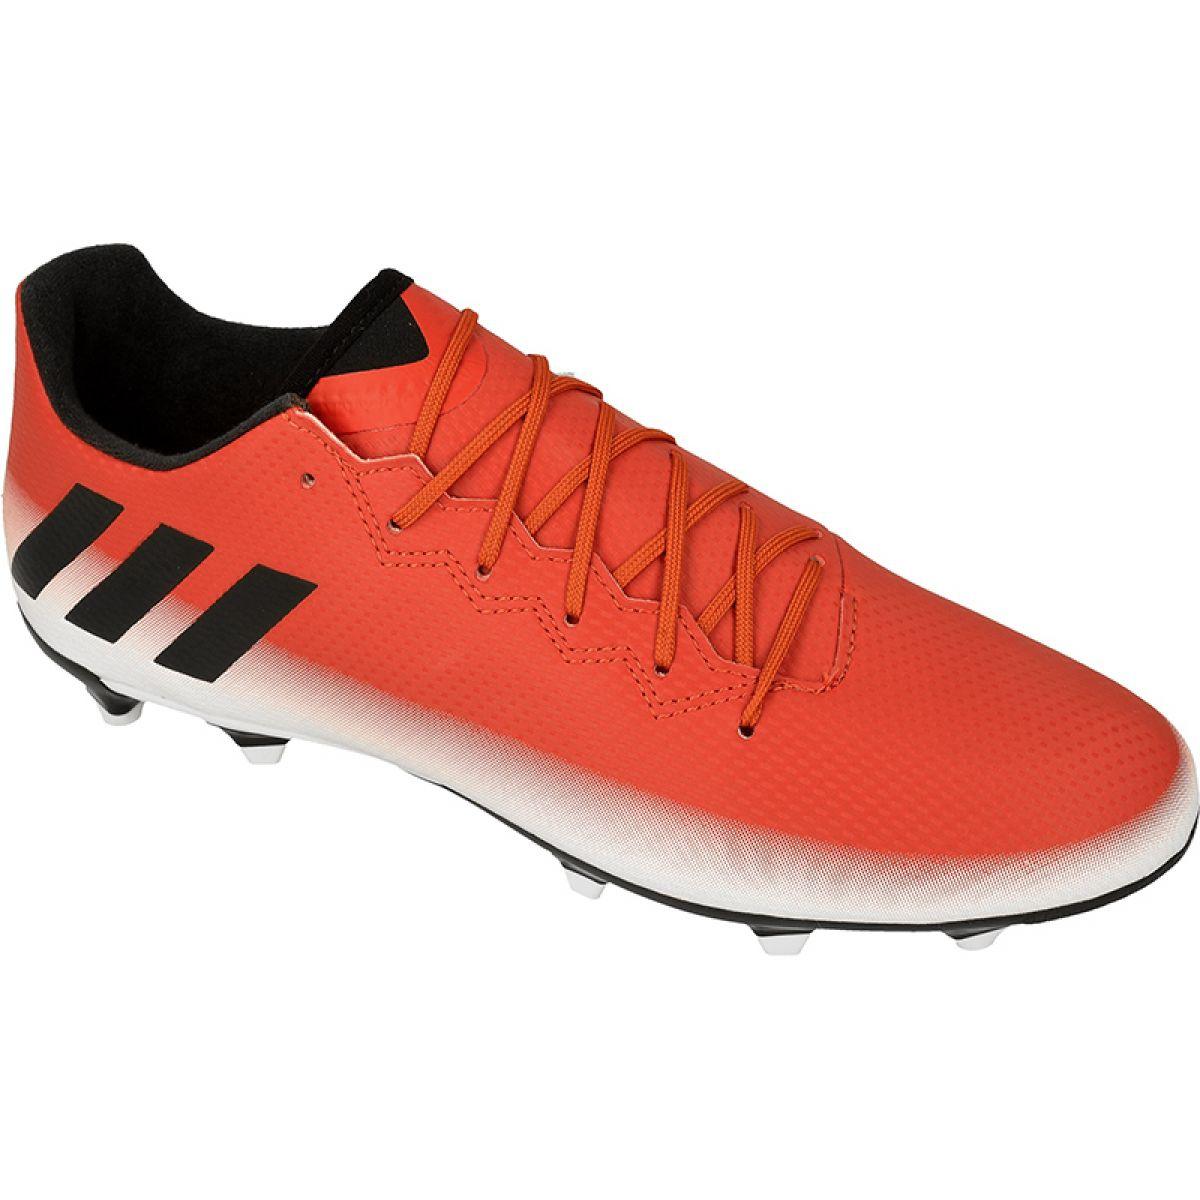 Buty piłkarskie adidas Messi 16.3 Fg M BA9020 czerwony czerwone